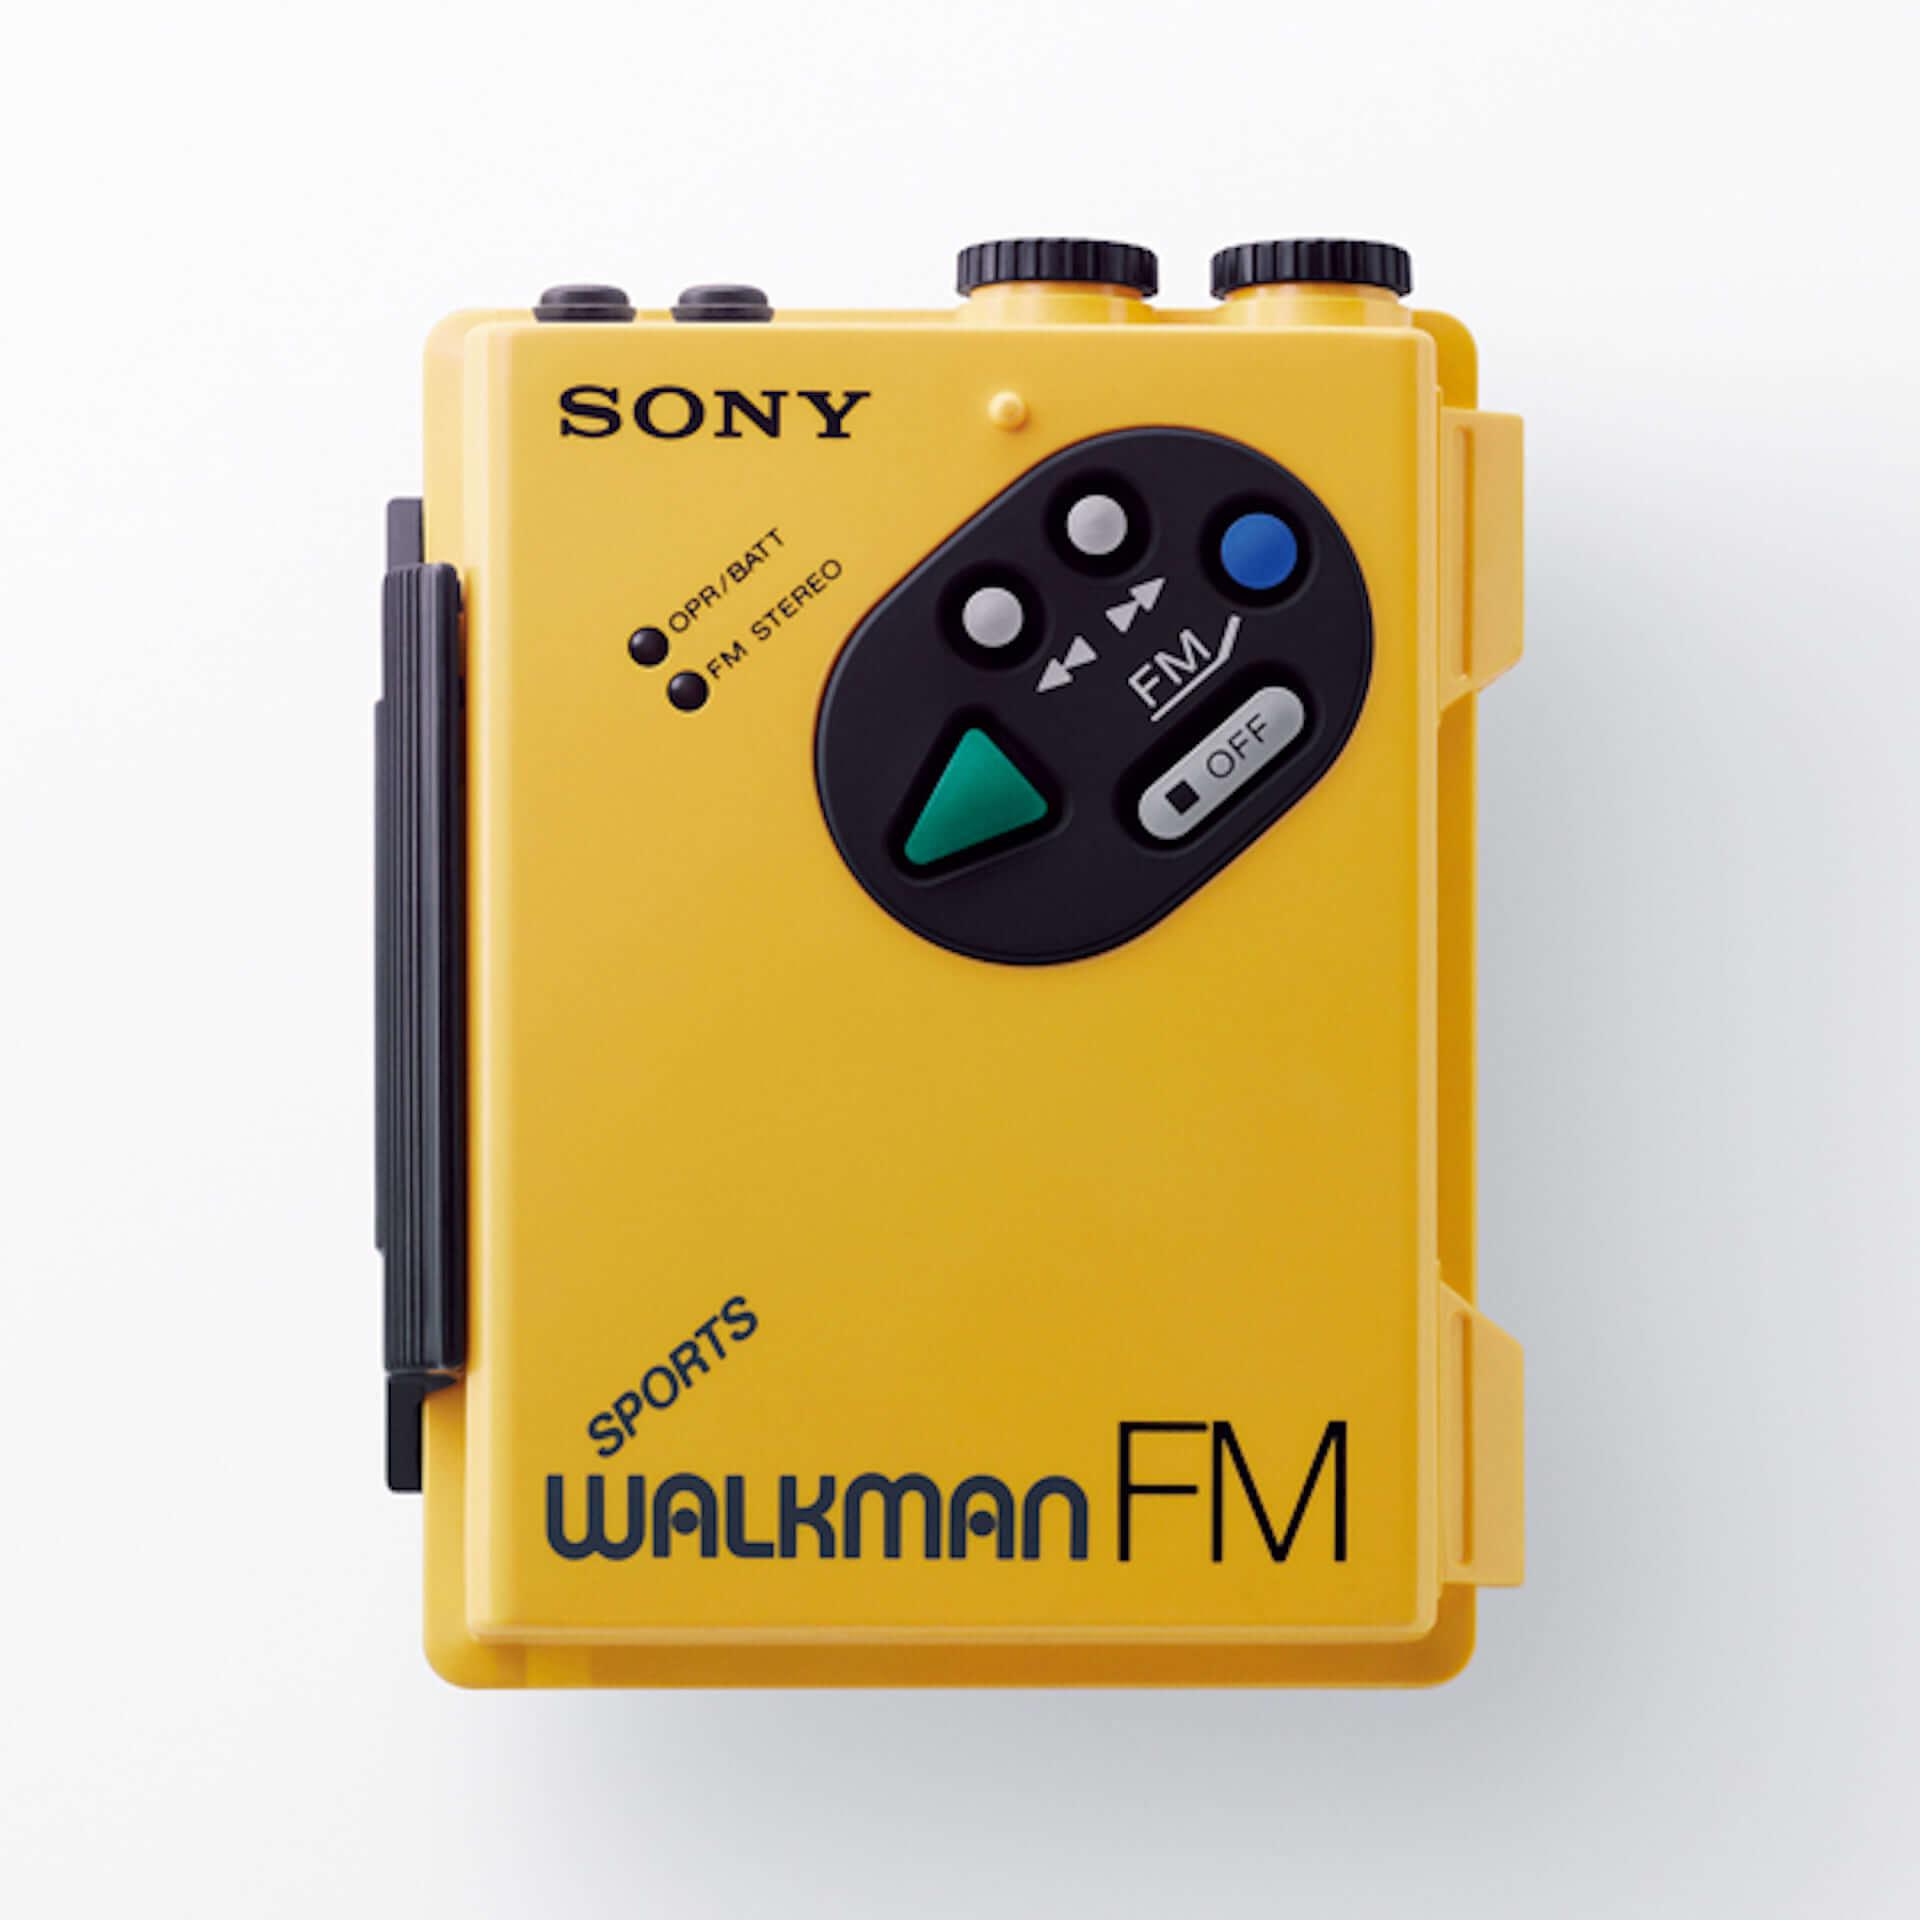 「音楽が歩き始めた日」から40年|ウォークマンが誕生から現在までをたどる<#009 WALKMAN IN THE PARK>が開催 tech190625_walkman_inthepark_12-1920x1920